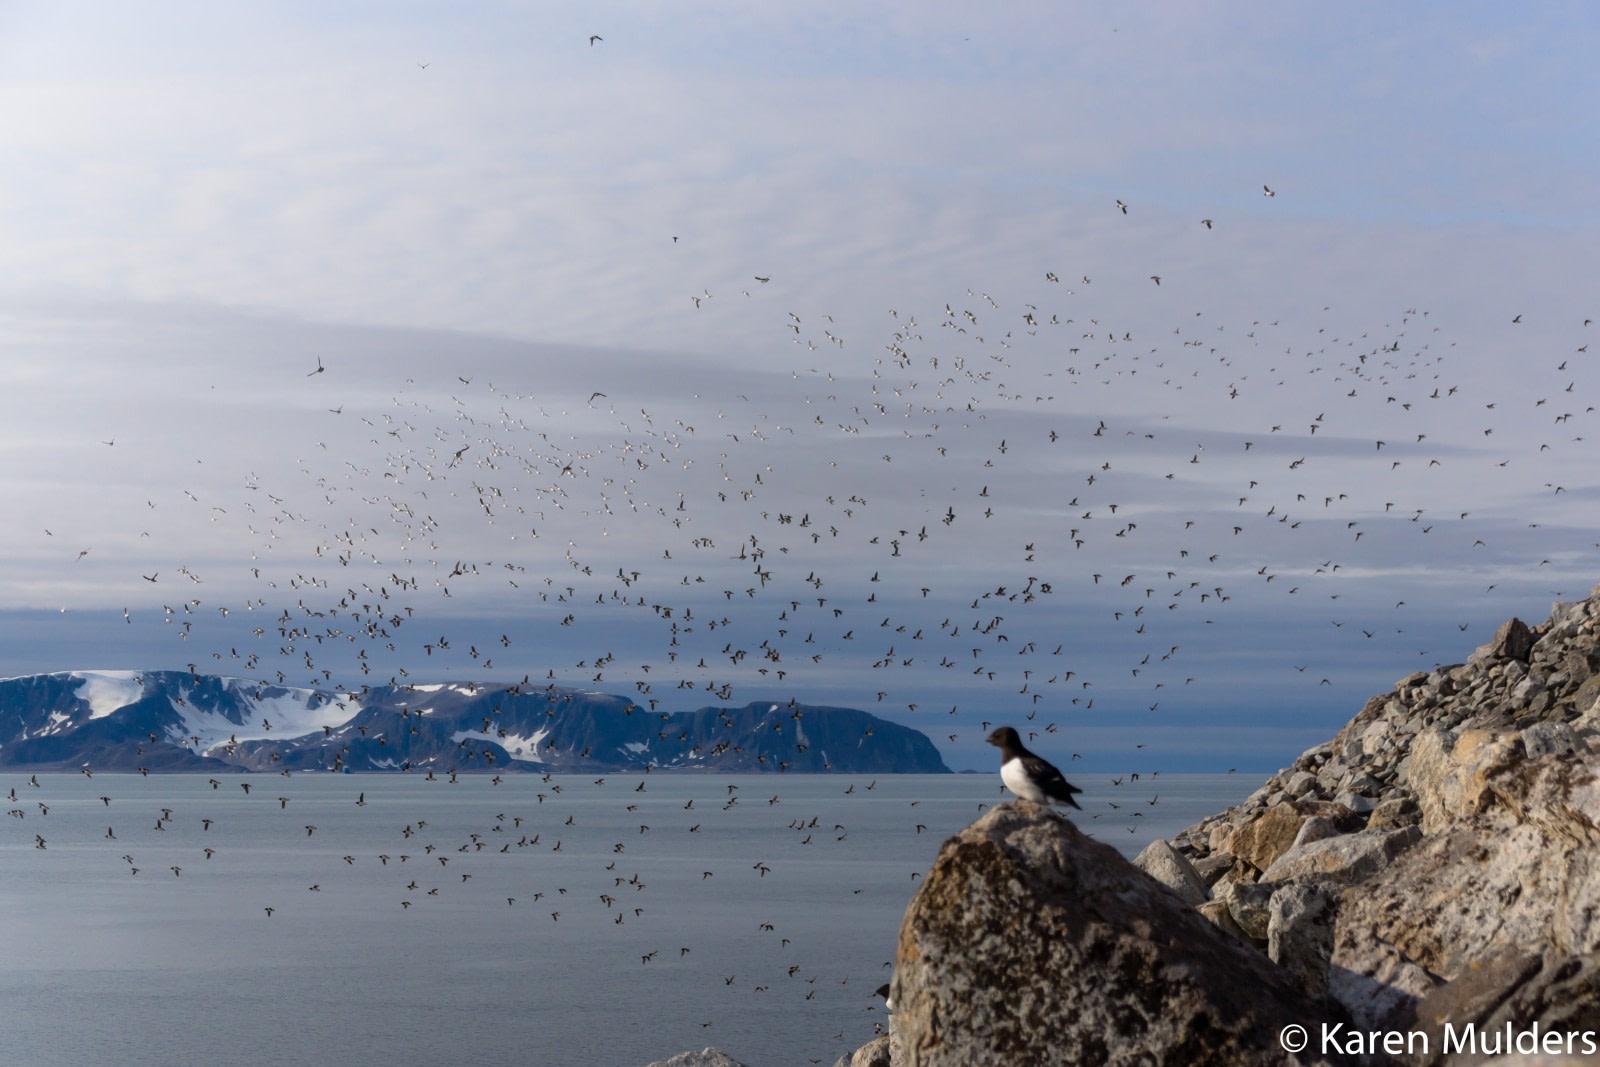 Fuglesangen Little Auk colony © Karen Mulders - Oceanwide Expeditions